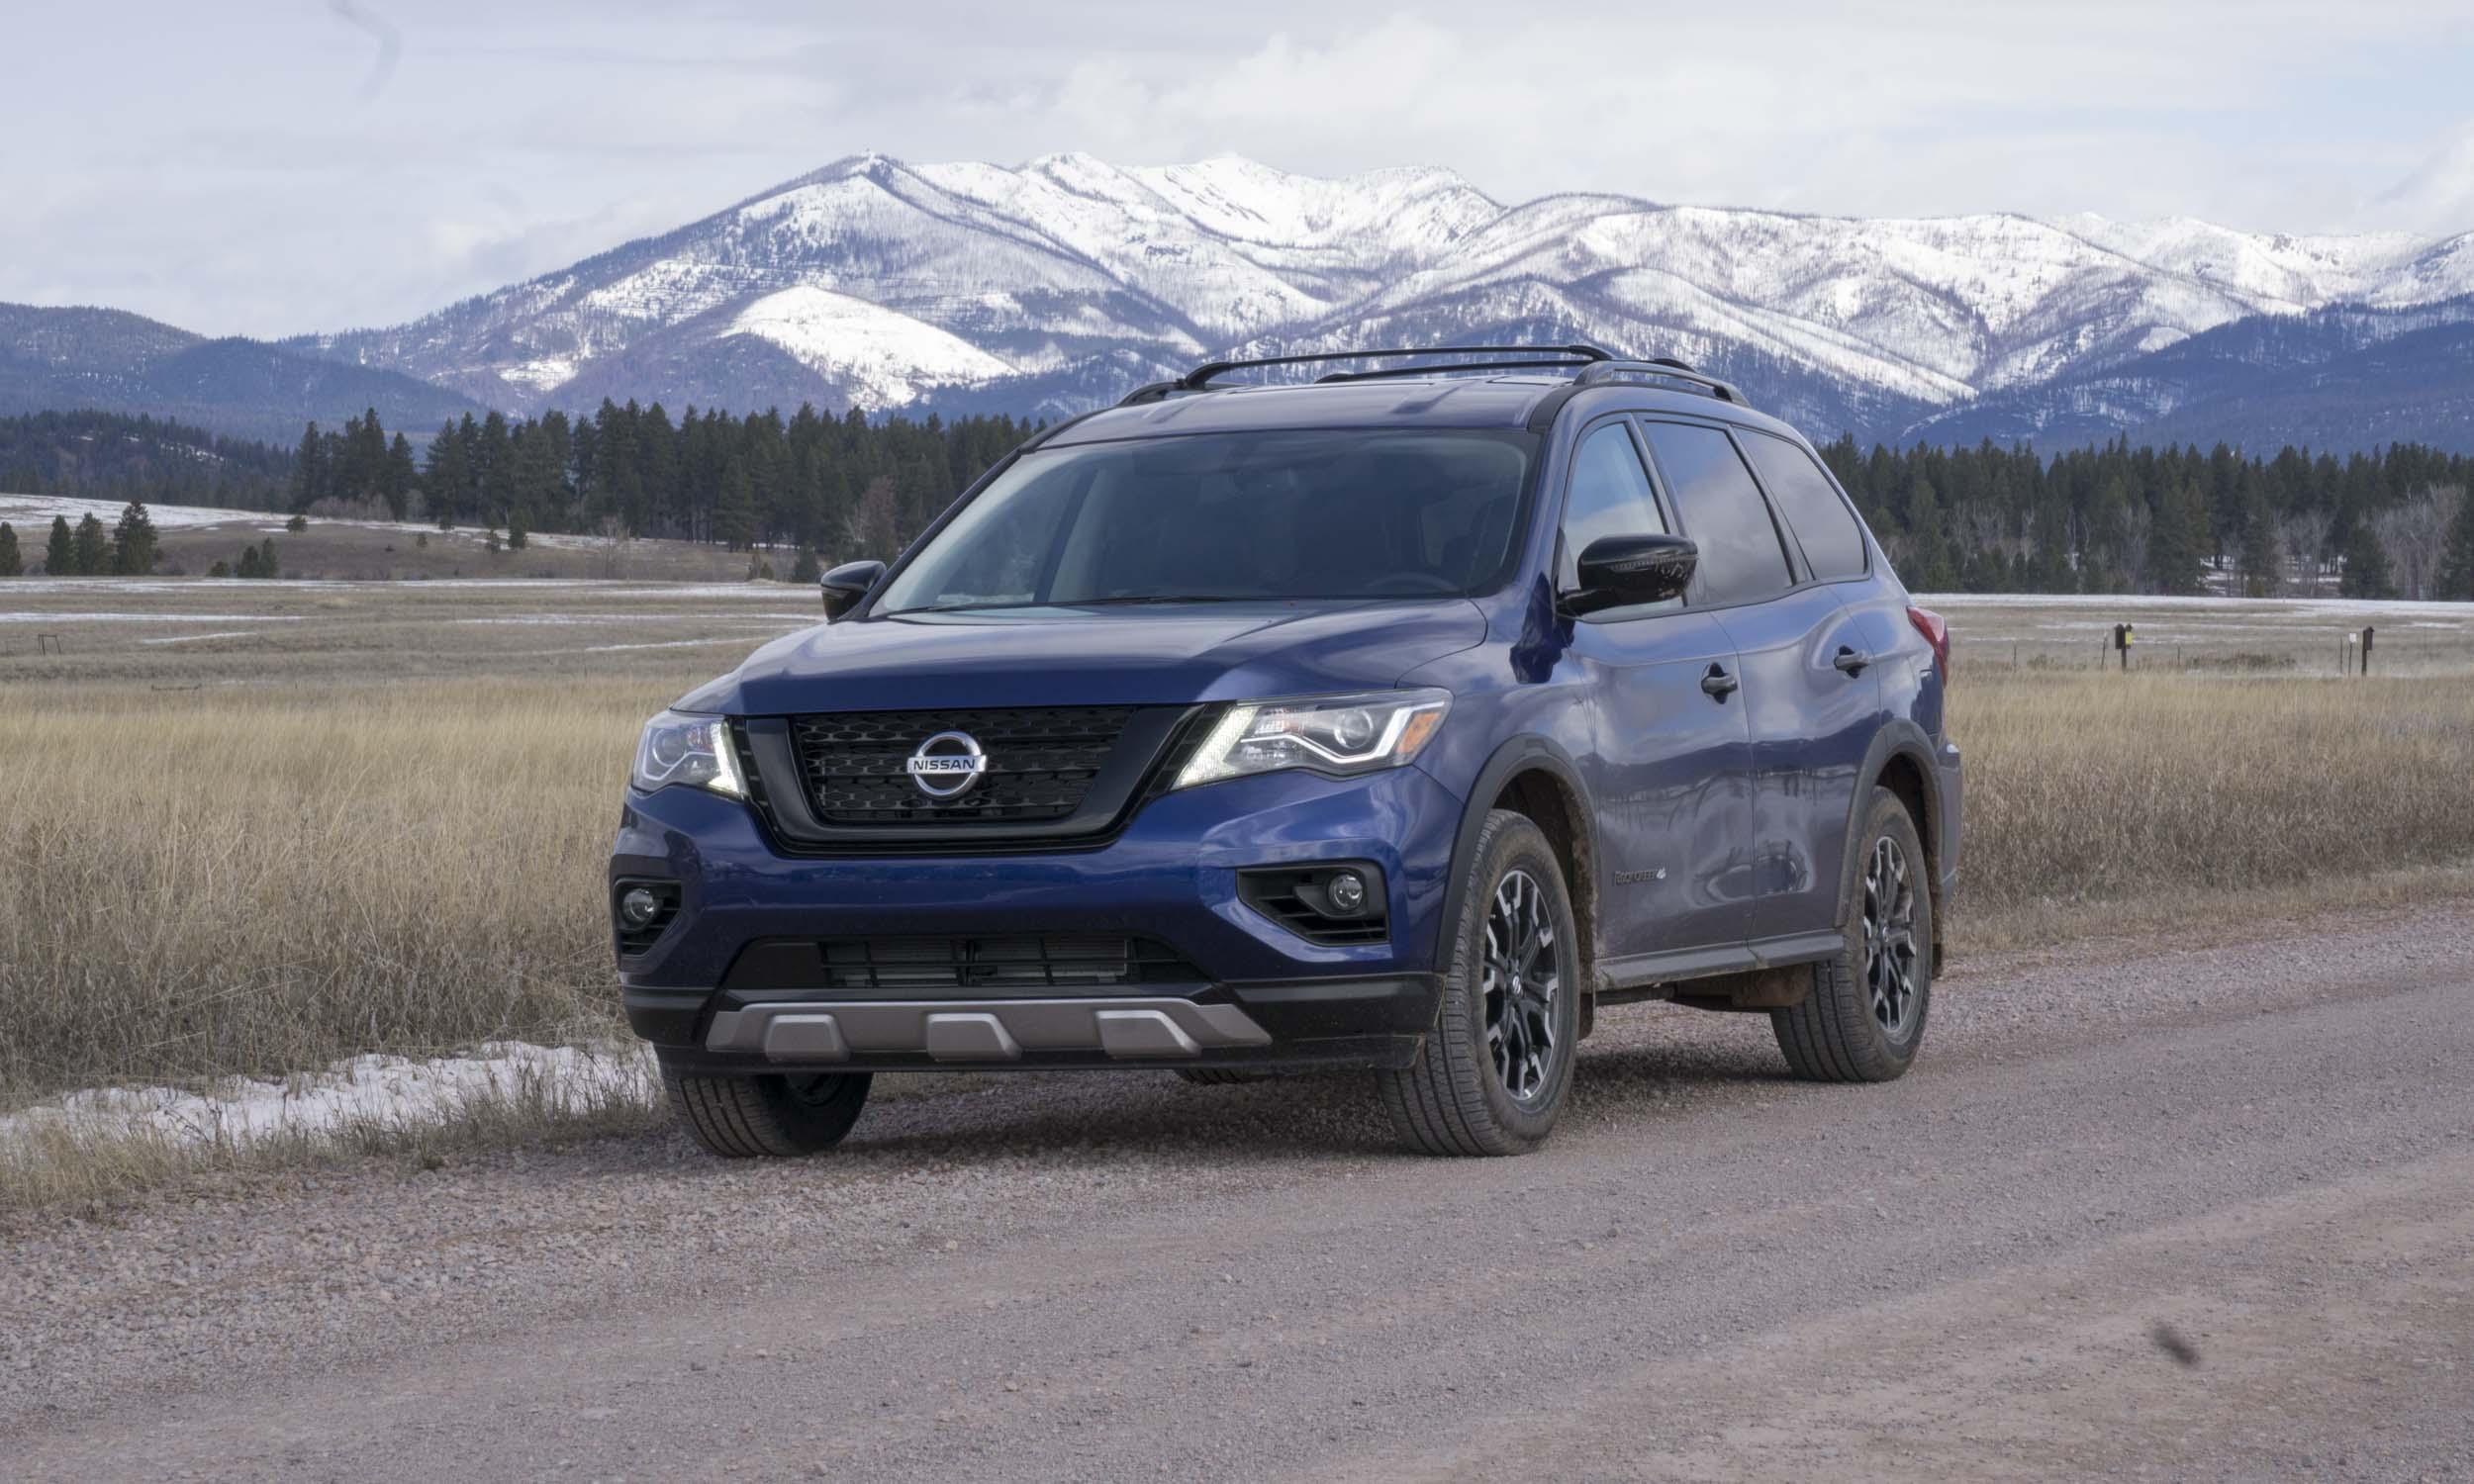 Nissan Pathfinder Rock Creek Adventure in Montananbsp